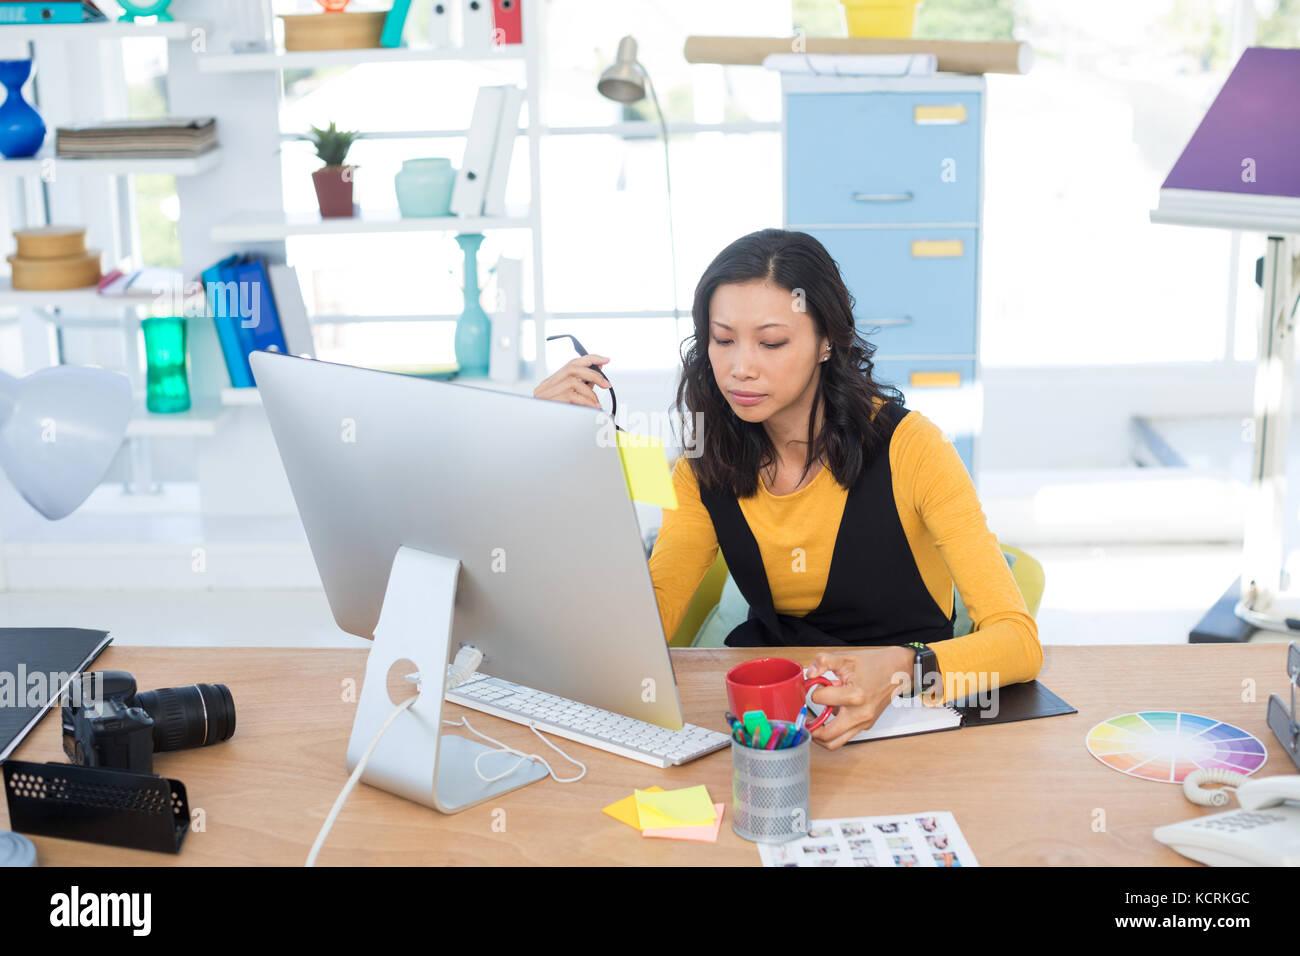 De travail exécutif femelle sur computer in office Banque D'Images